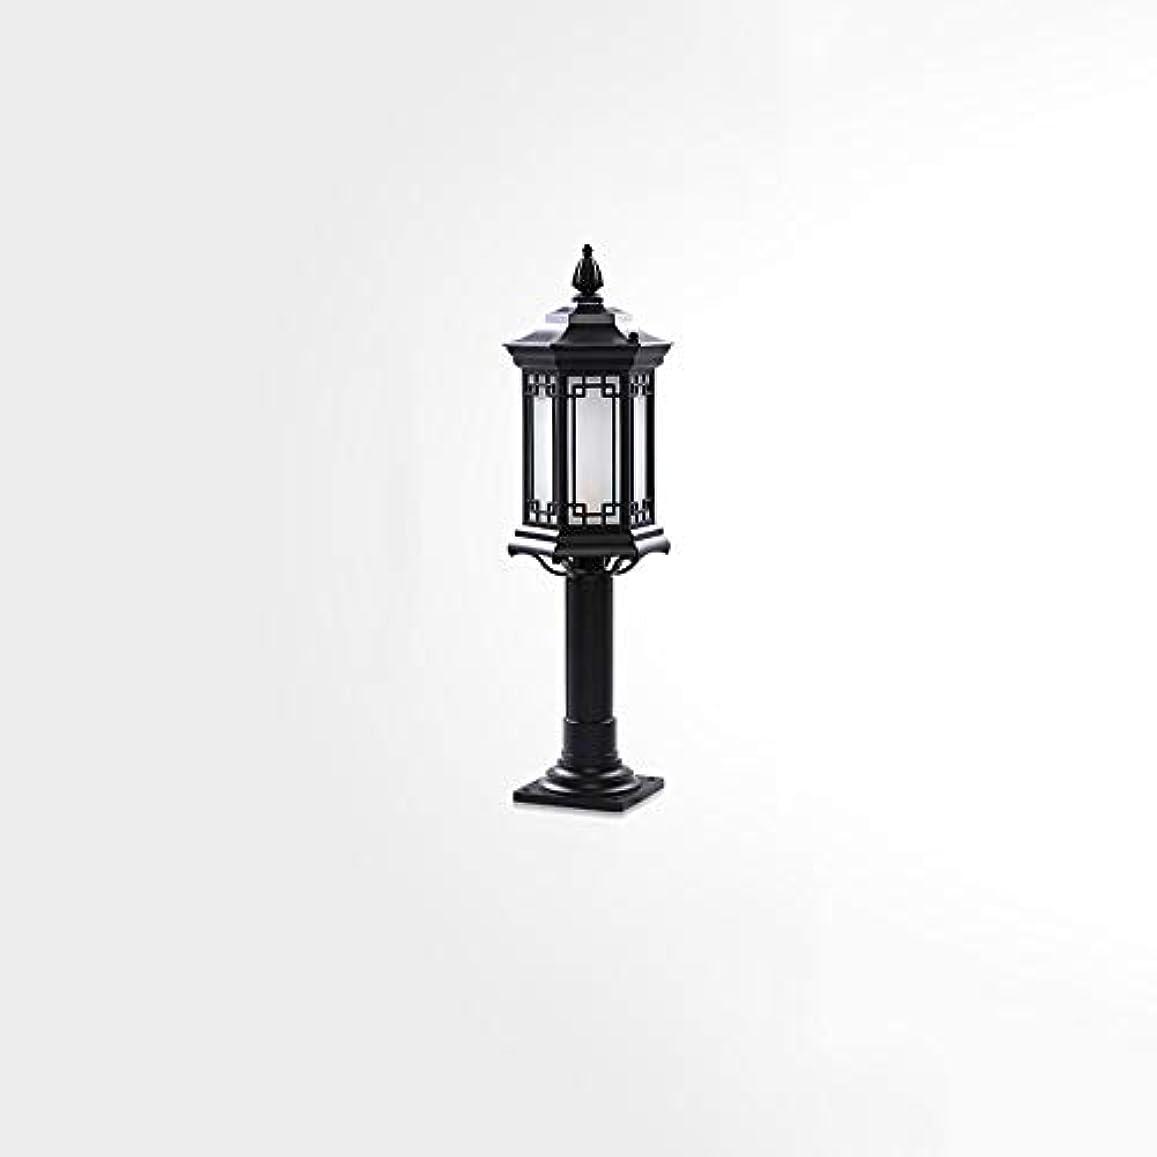 についてトレーニング掃くPinjeer E27高さ73センチヴィンテージ屋外防水ガラスポストライト超明るいレトロ工業アルミ柱ランプ風景ガーデンストリートヴィラホーム装飾コラムライト